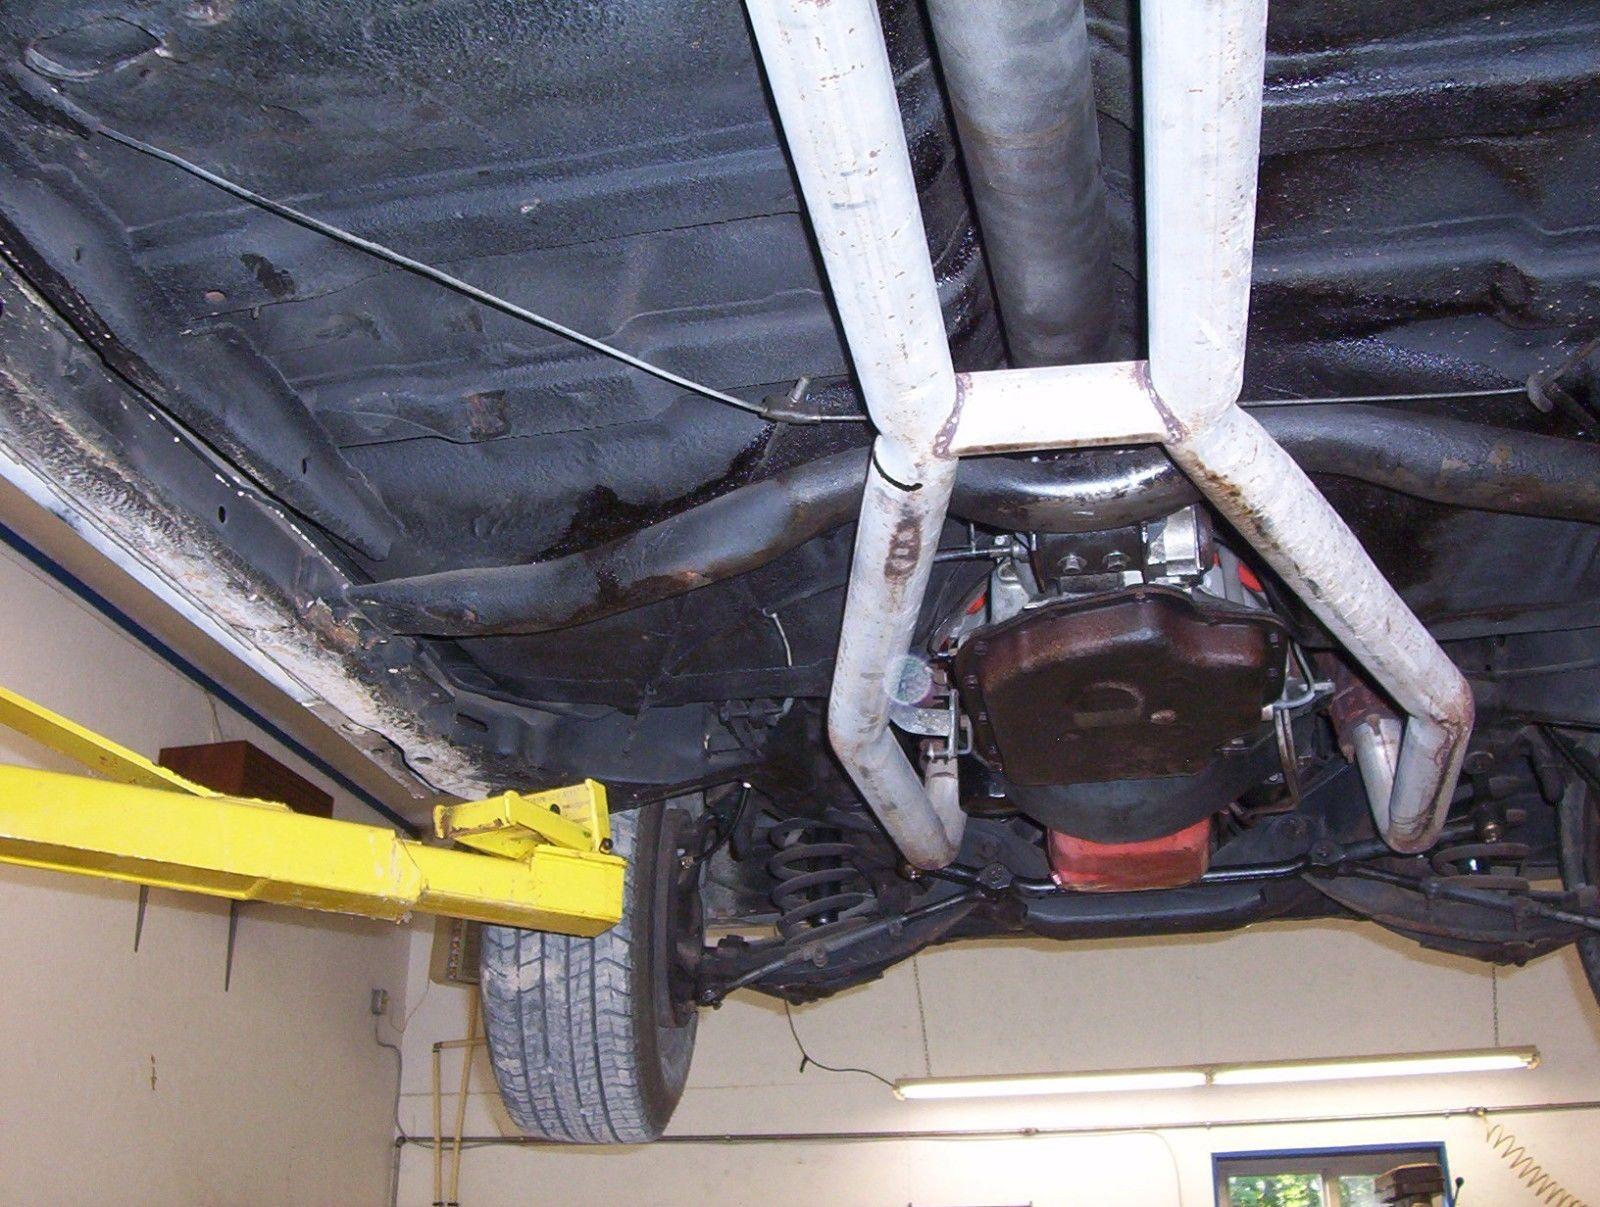 1966-Chevrolet-Impala-Wagon-396-underneath